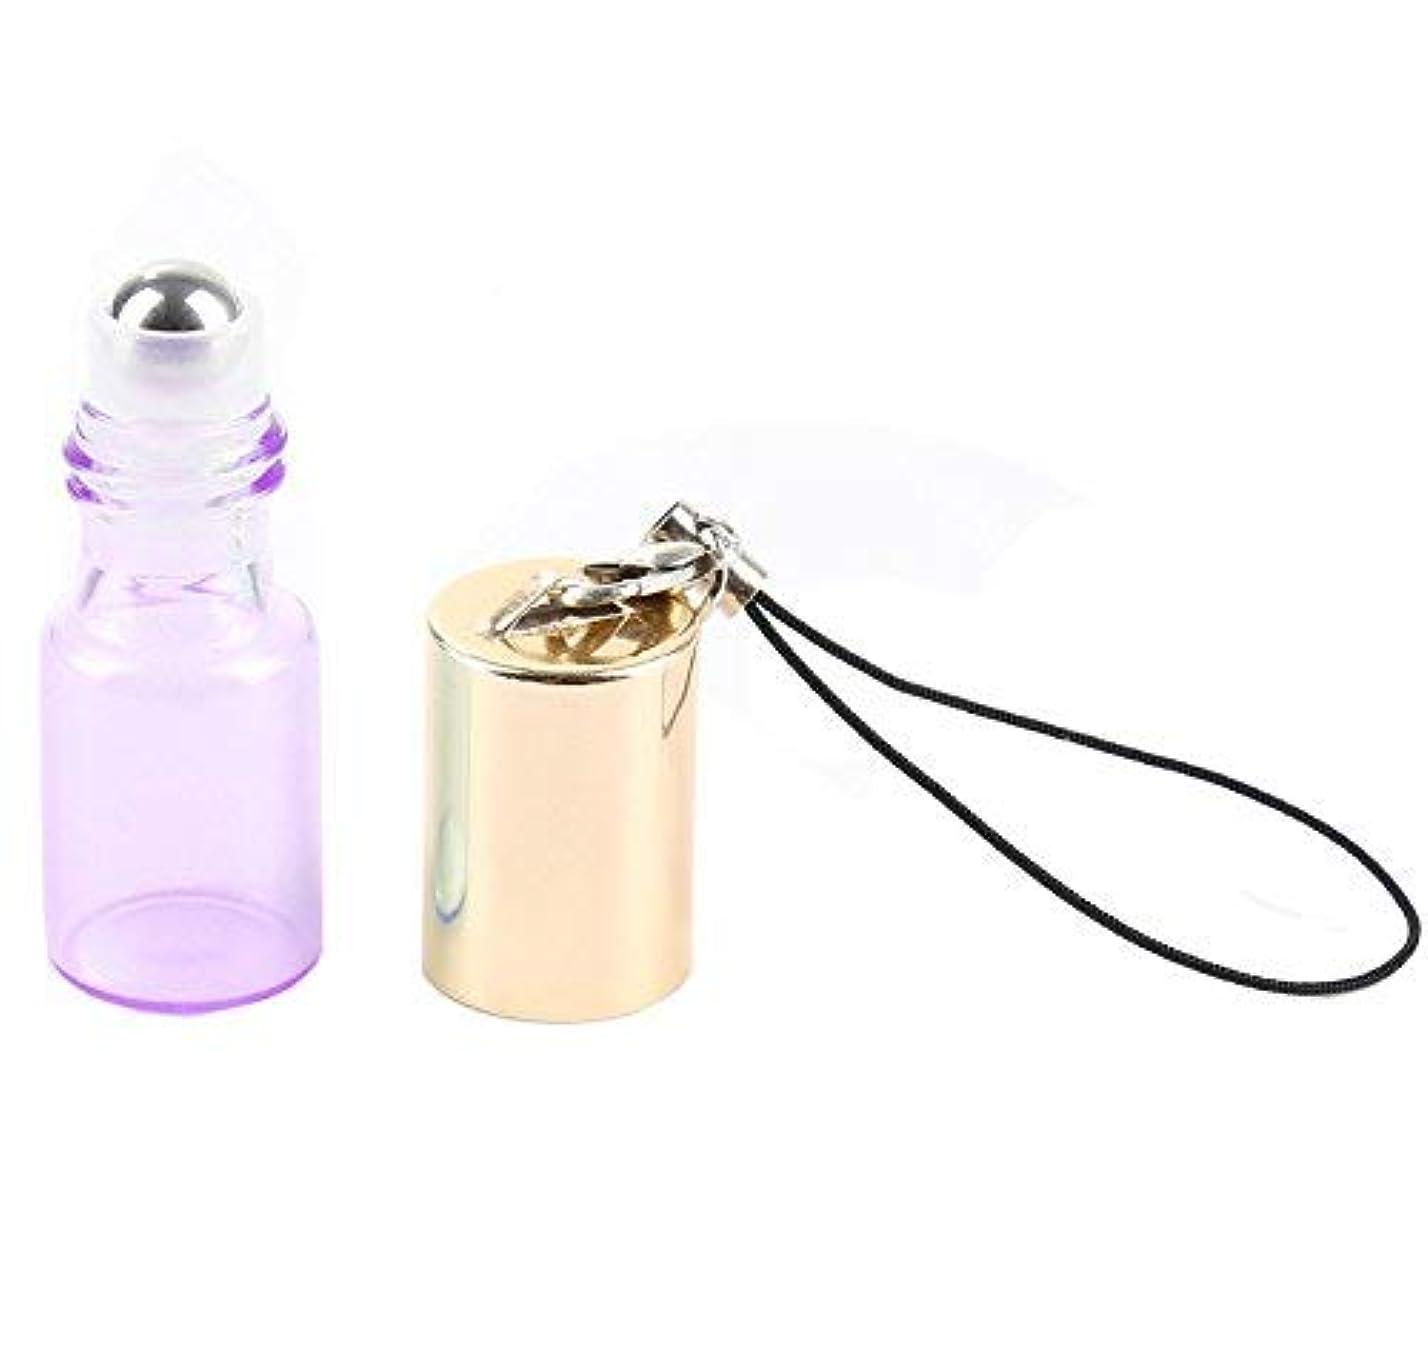 イデオロギーベアリング笑Empty Roller Bottles - Pack of 12 3ml Pearl Colored Glass Roll-on Bottles for Essential Oil Container with Golden...